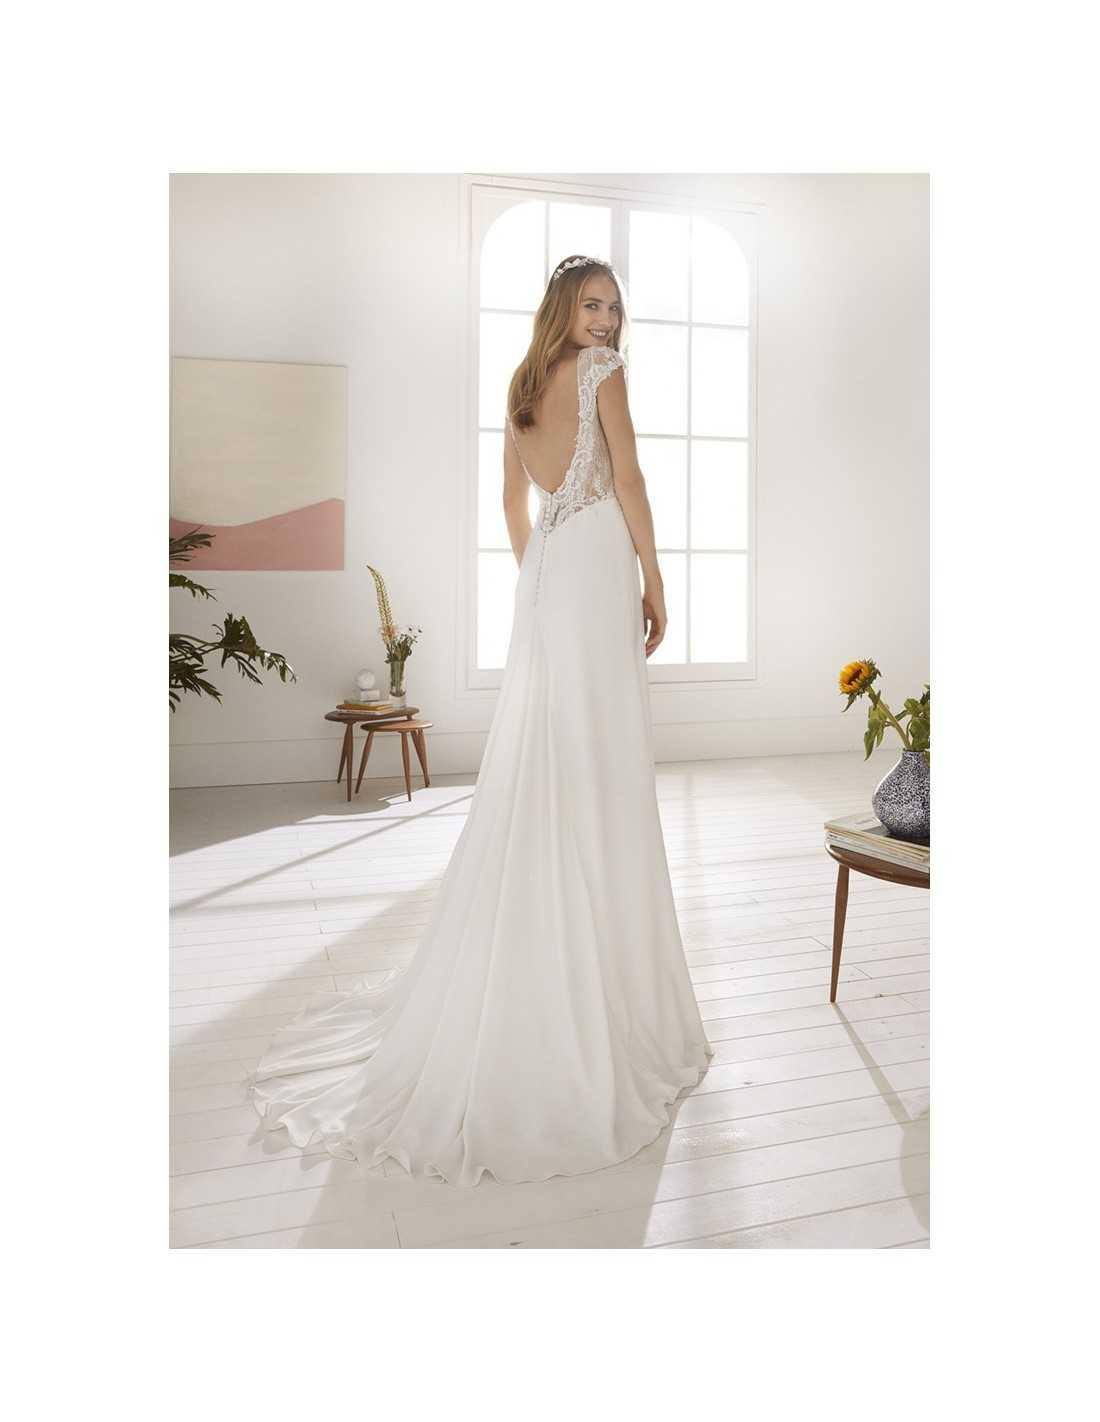 b81bb03953 Vestidos de novia OBRE - SEDKA NOVIAS